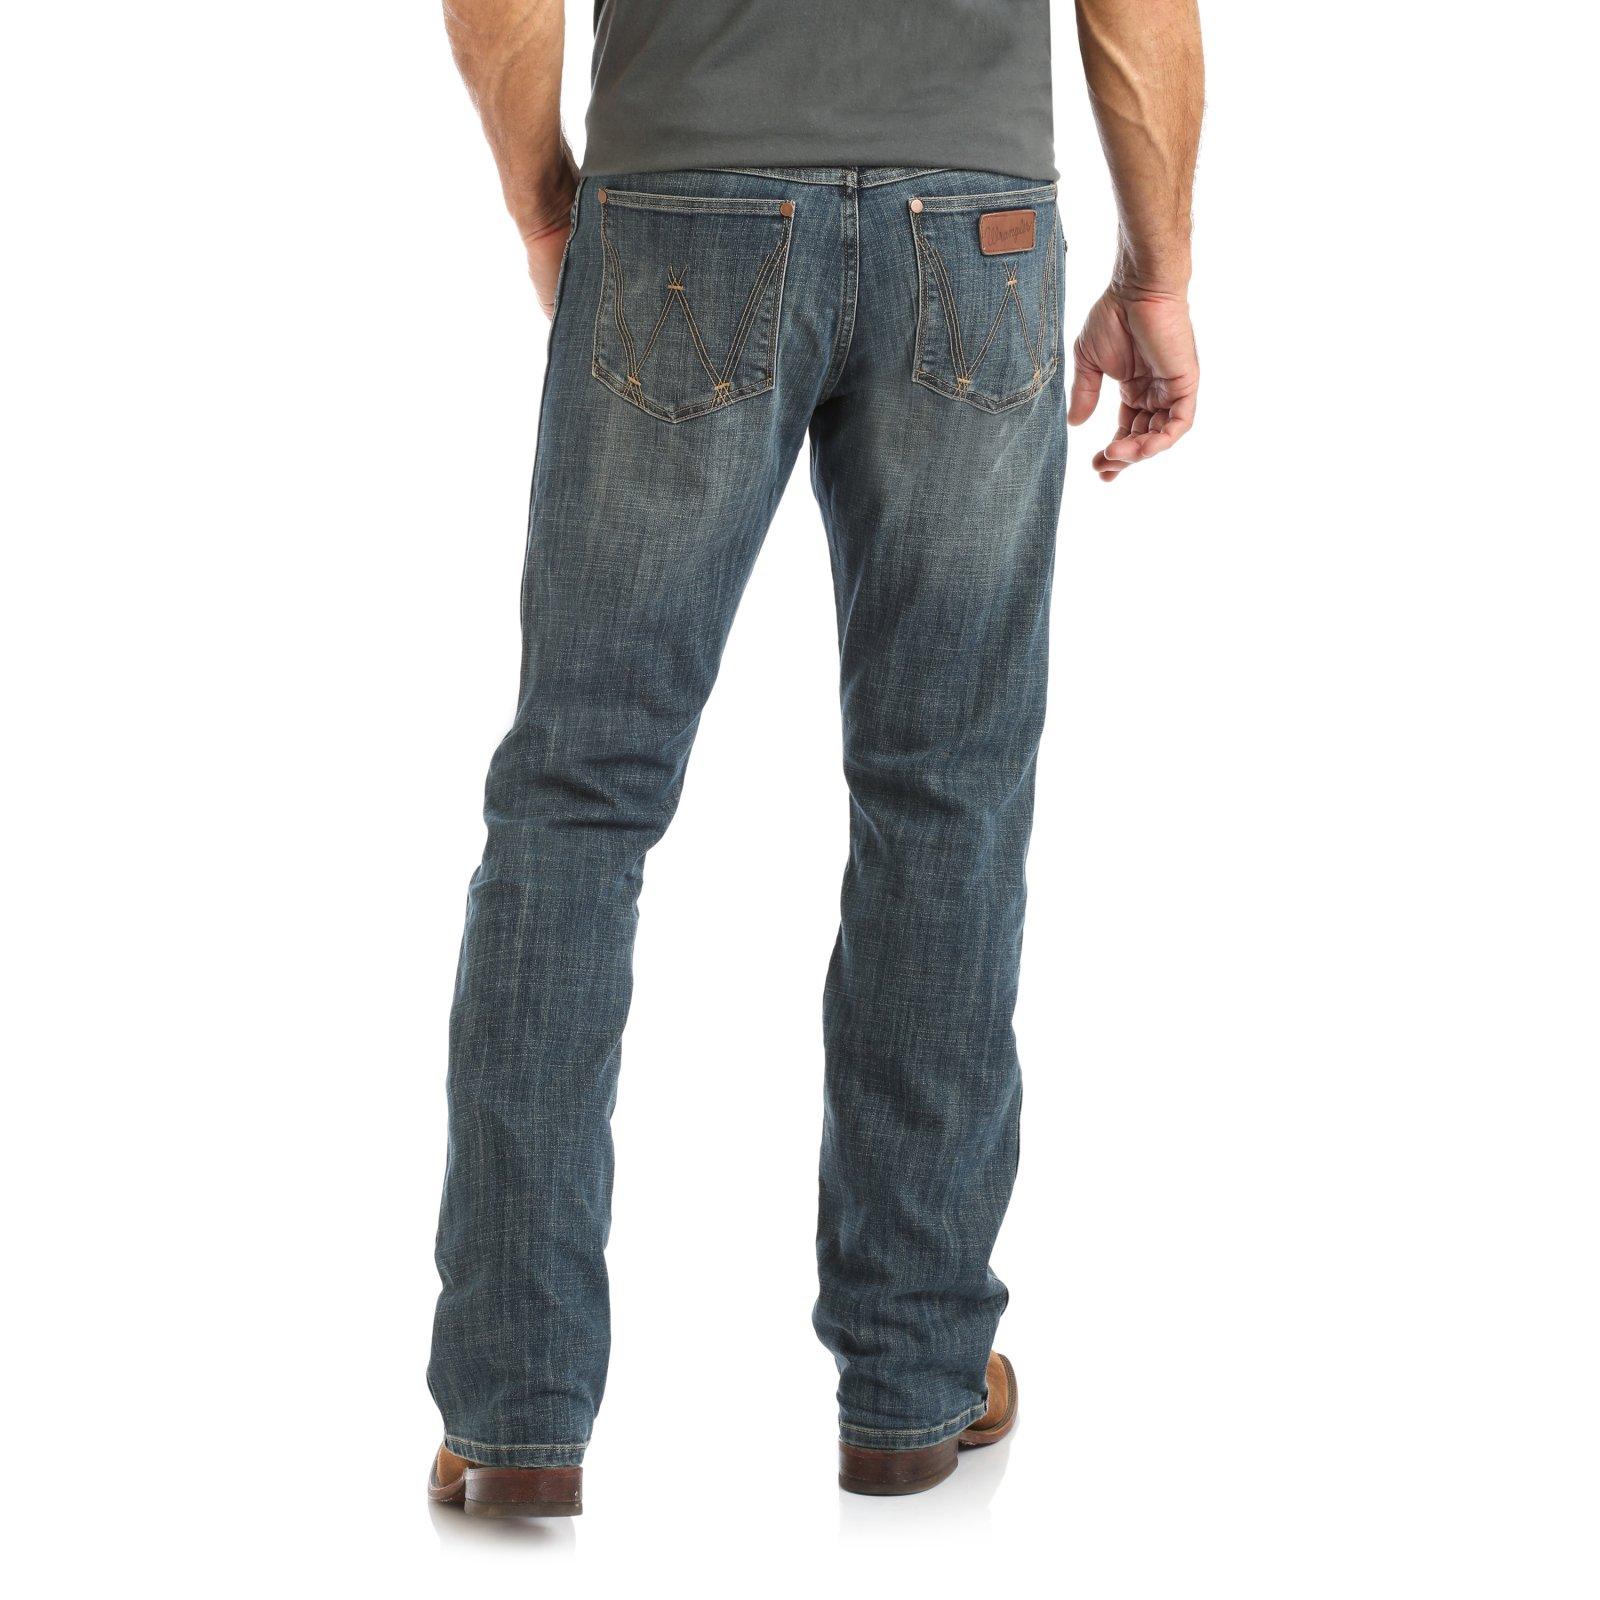 Men's Retro Slim Boot Jean from Wrangler